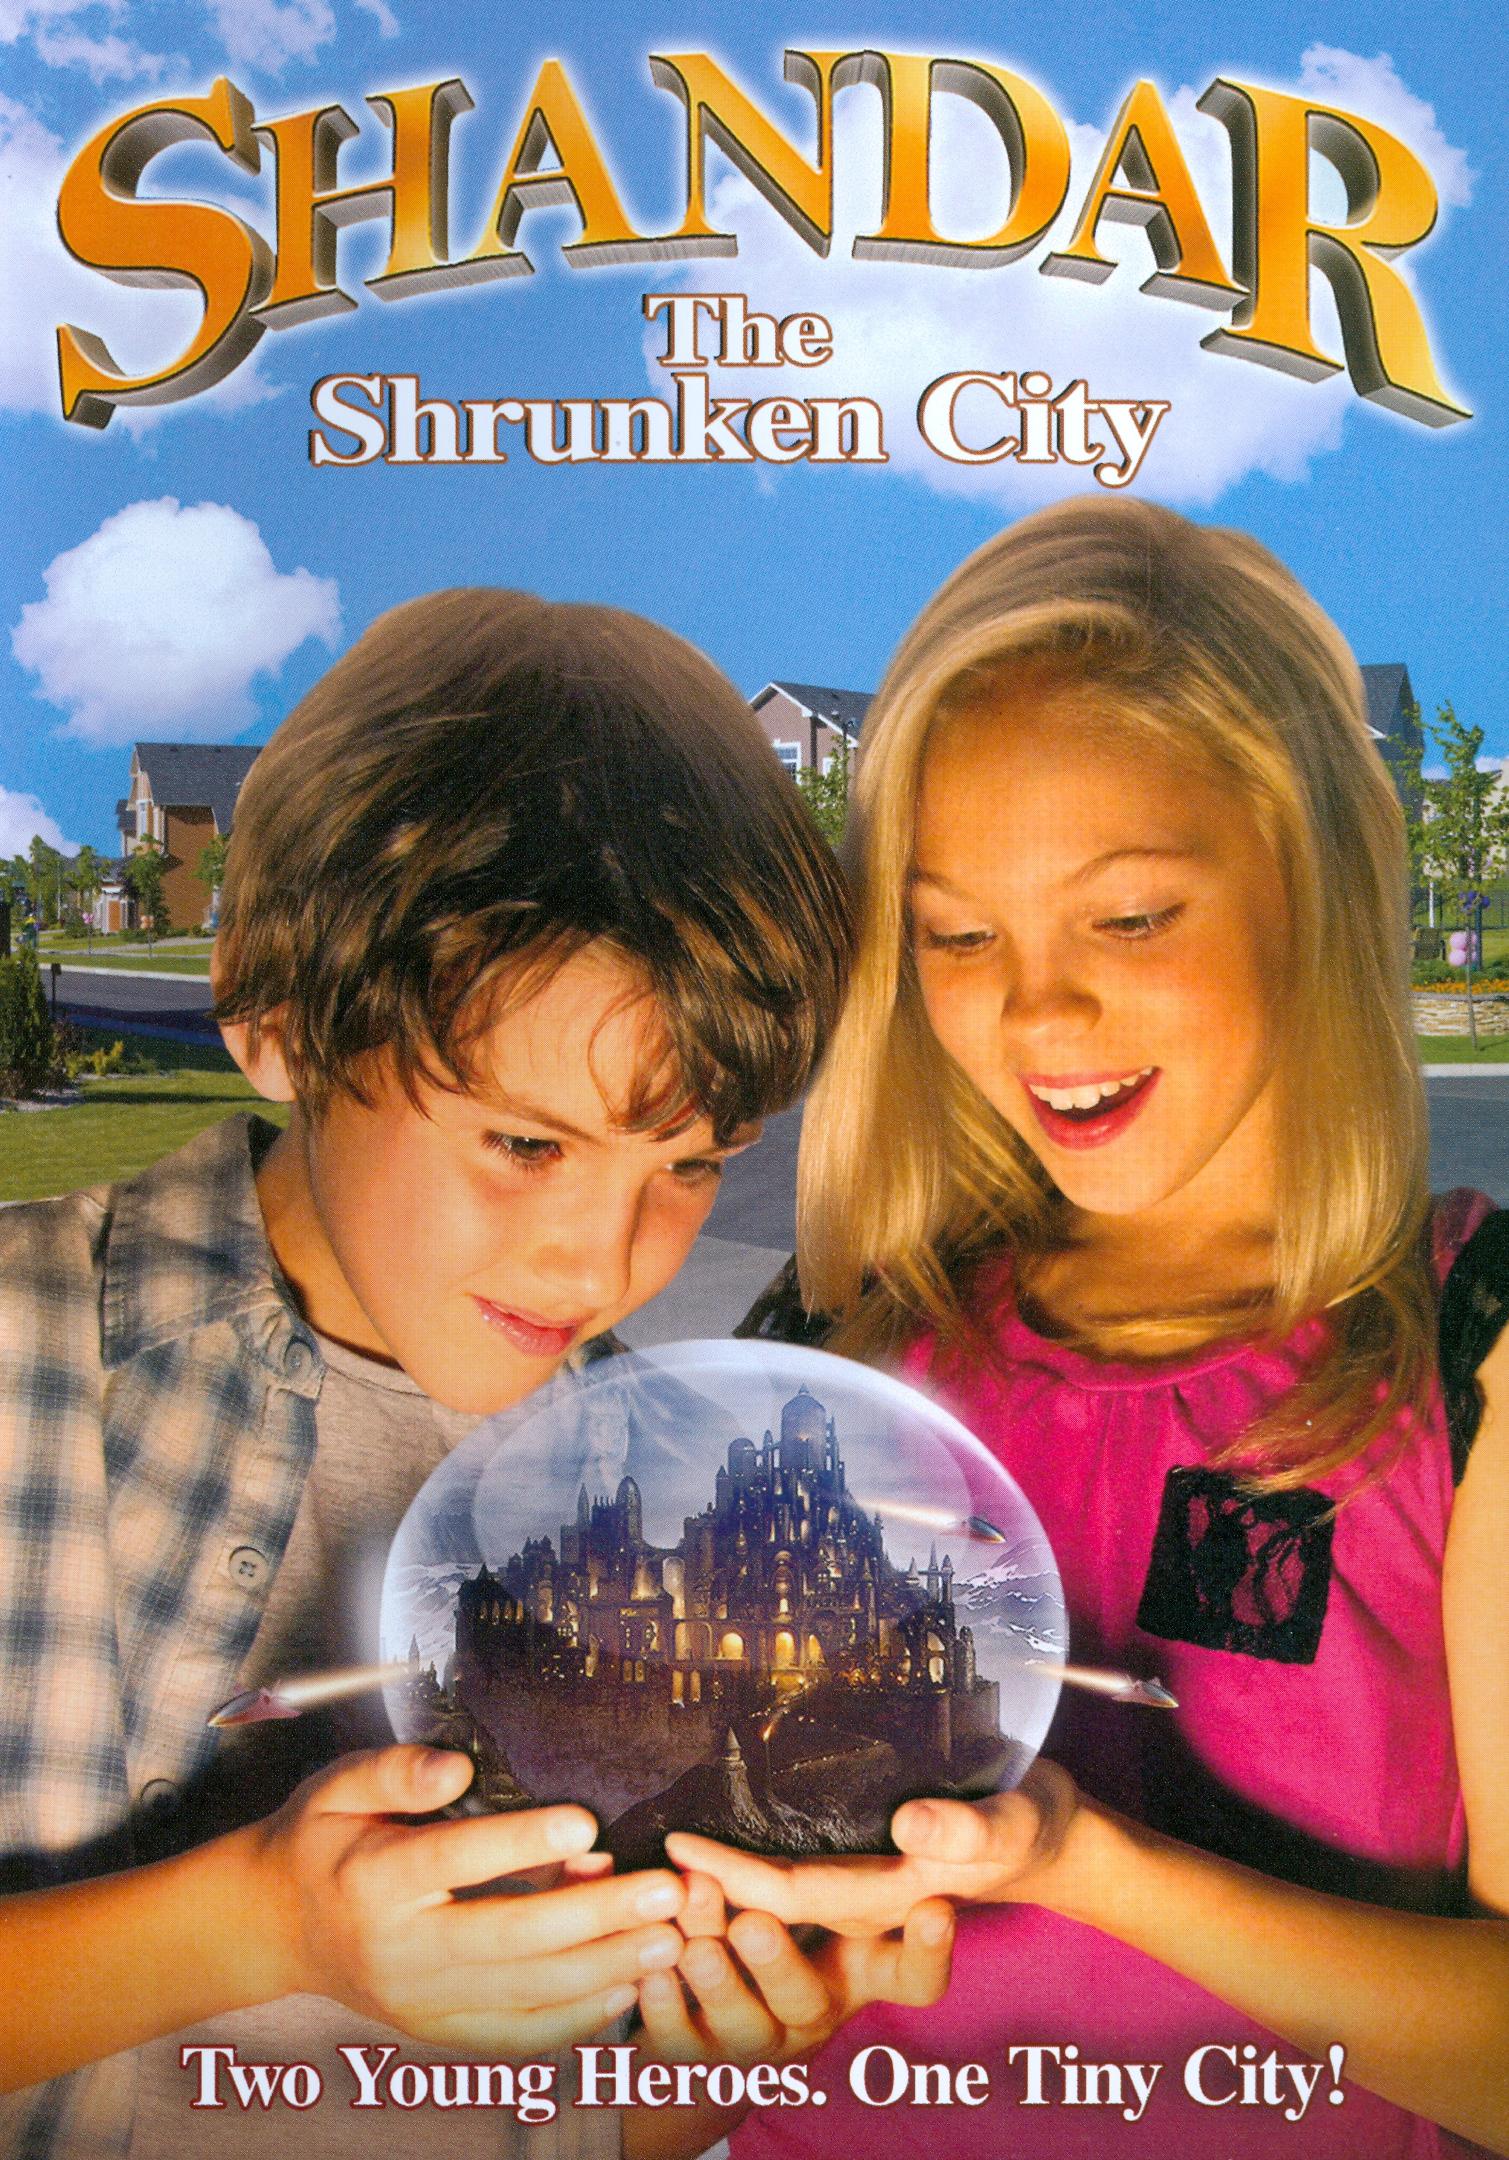 Shandar: The Shrunken City (dvd) 20233174